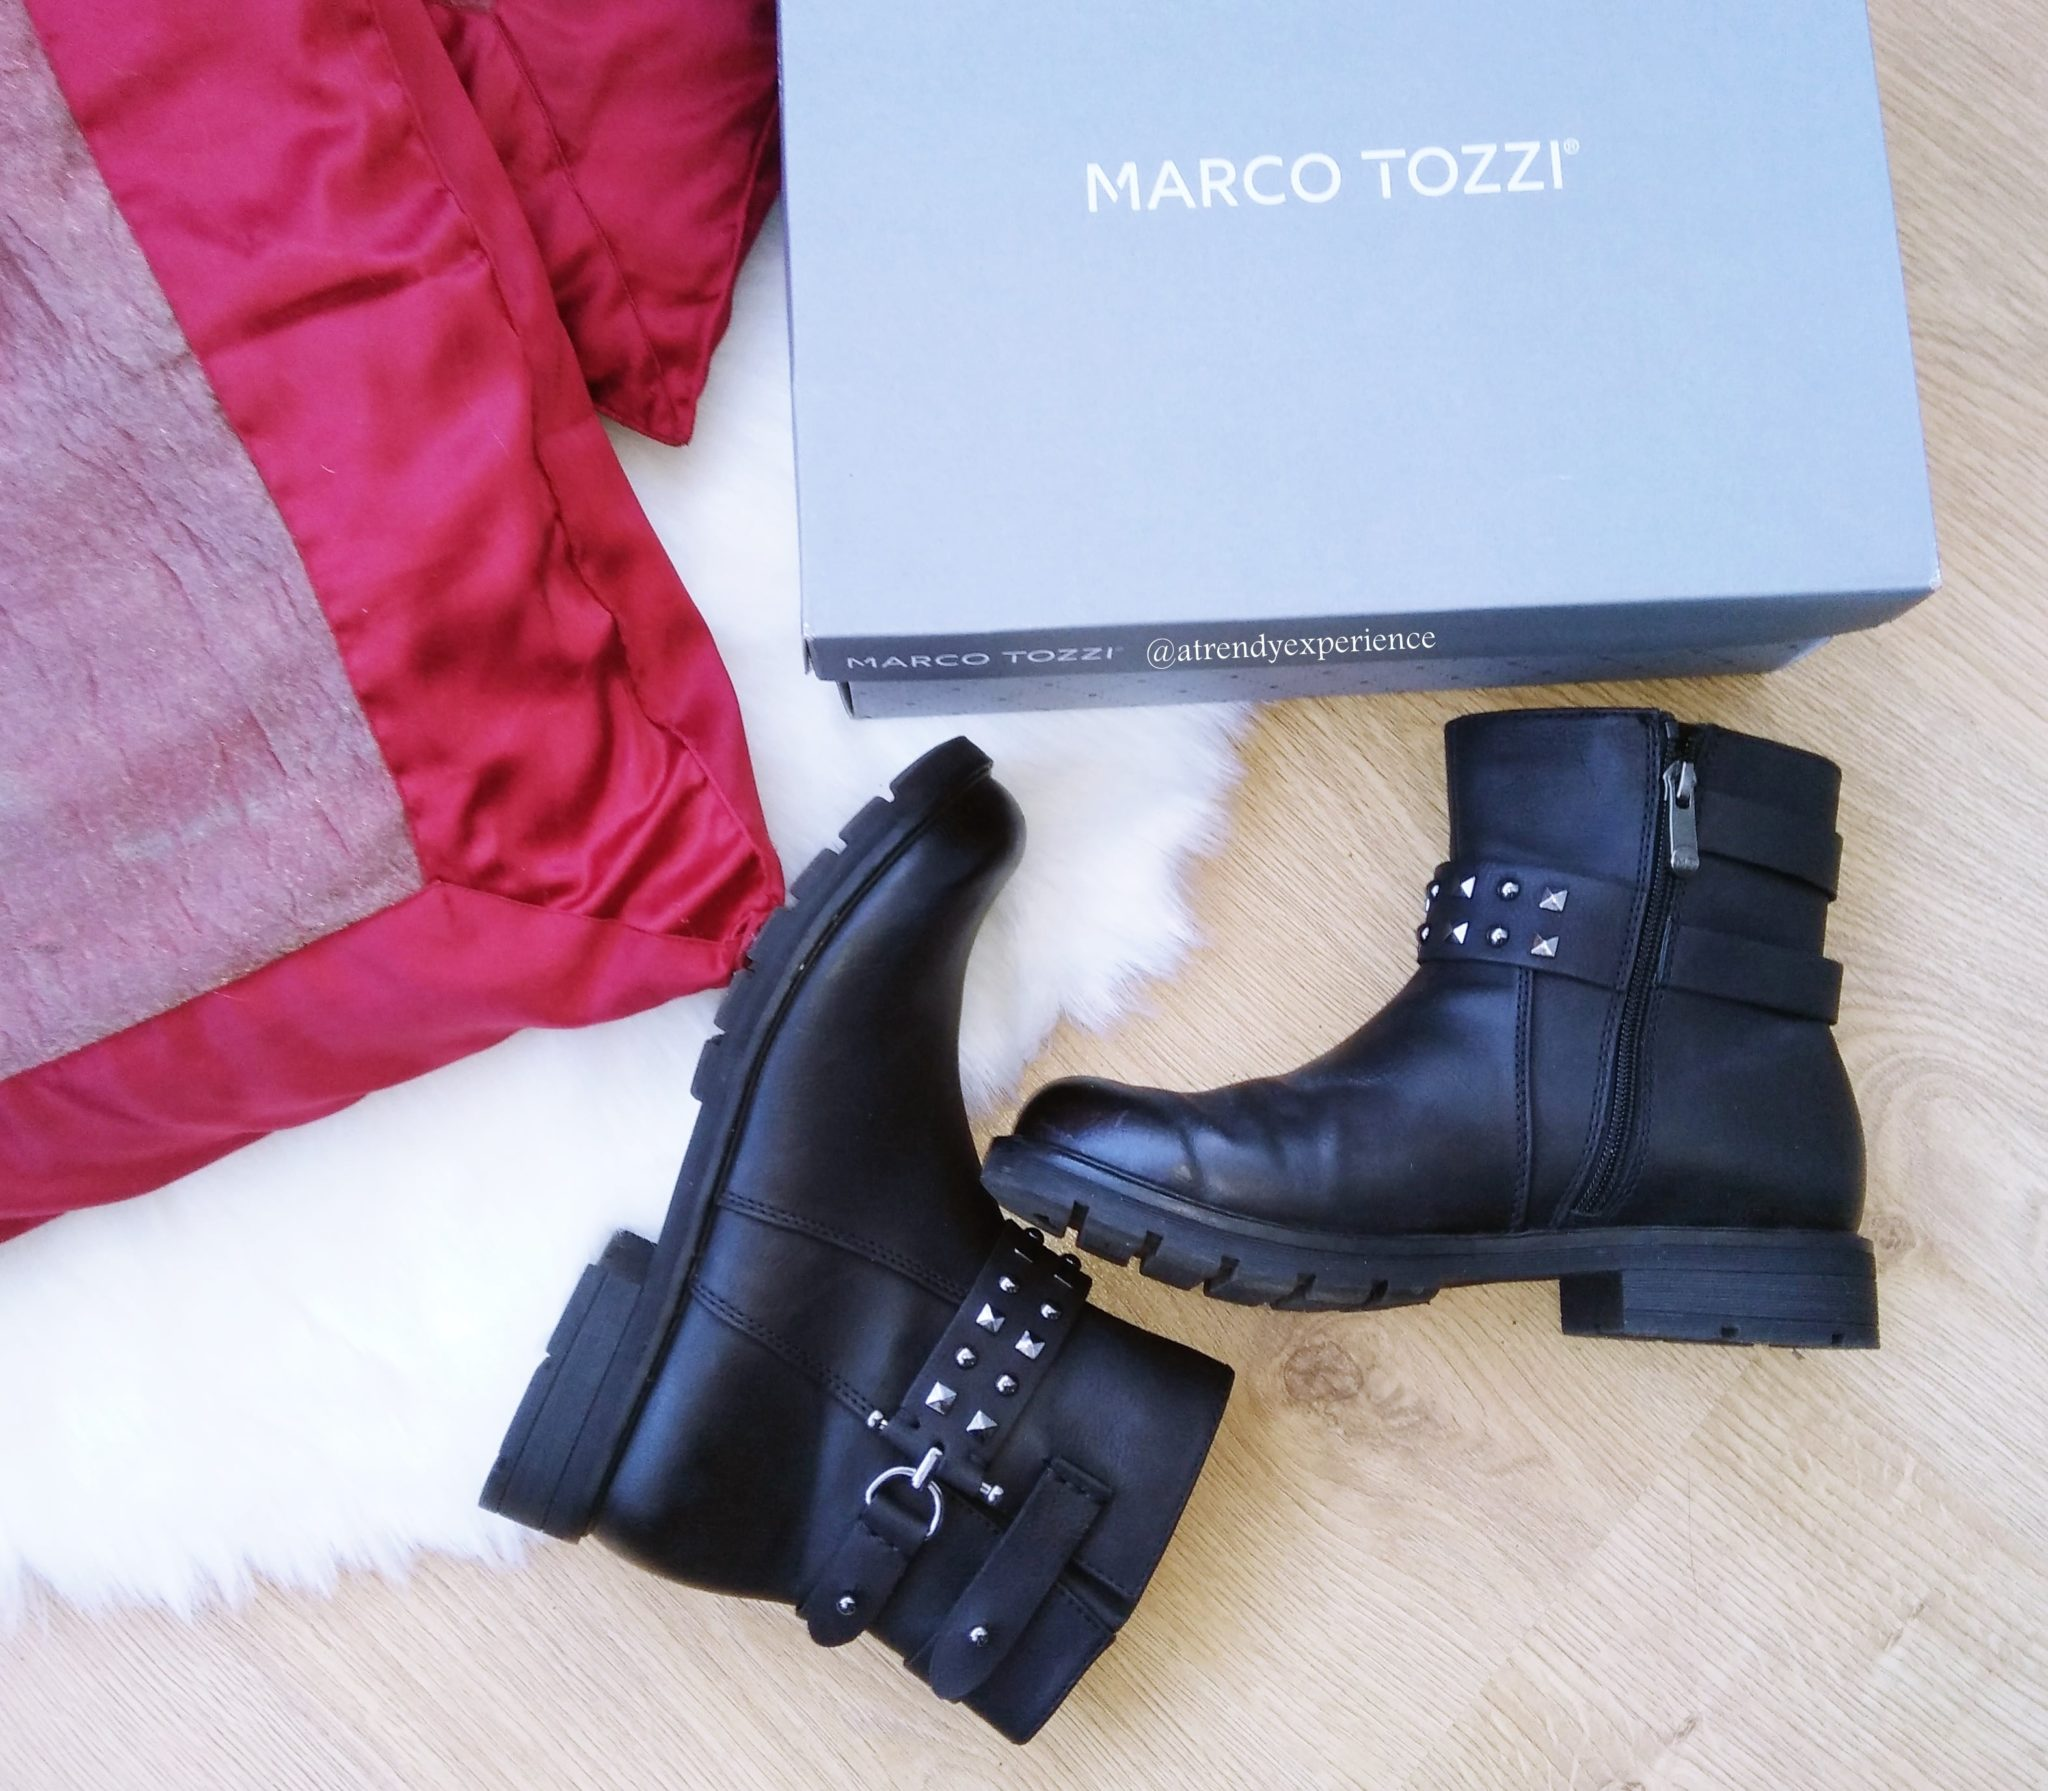 Stivali Marco Tozzi la mia opinione